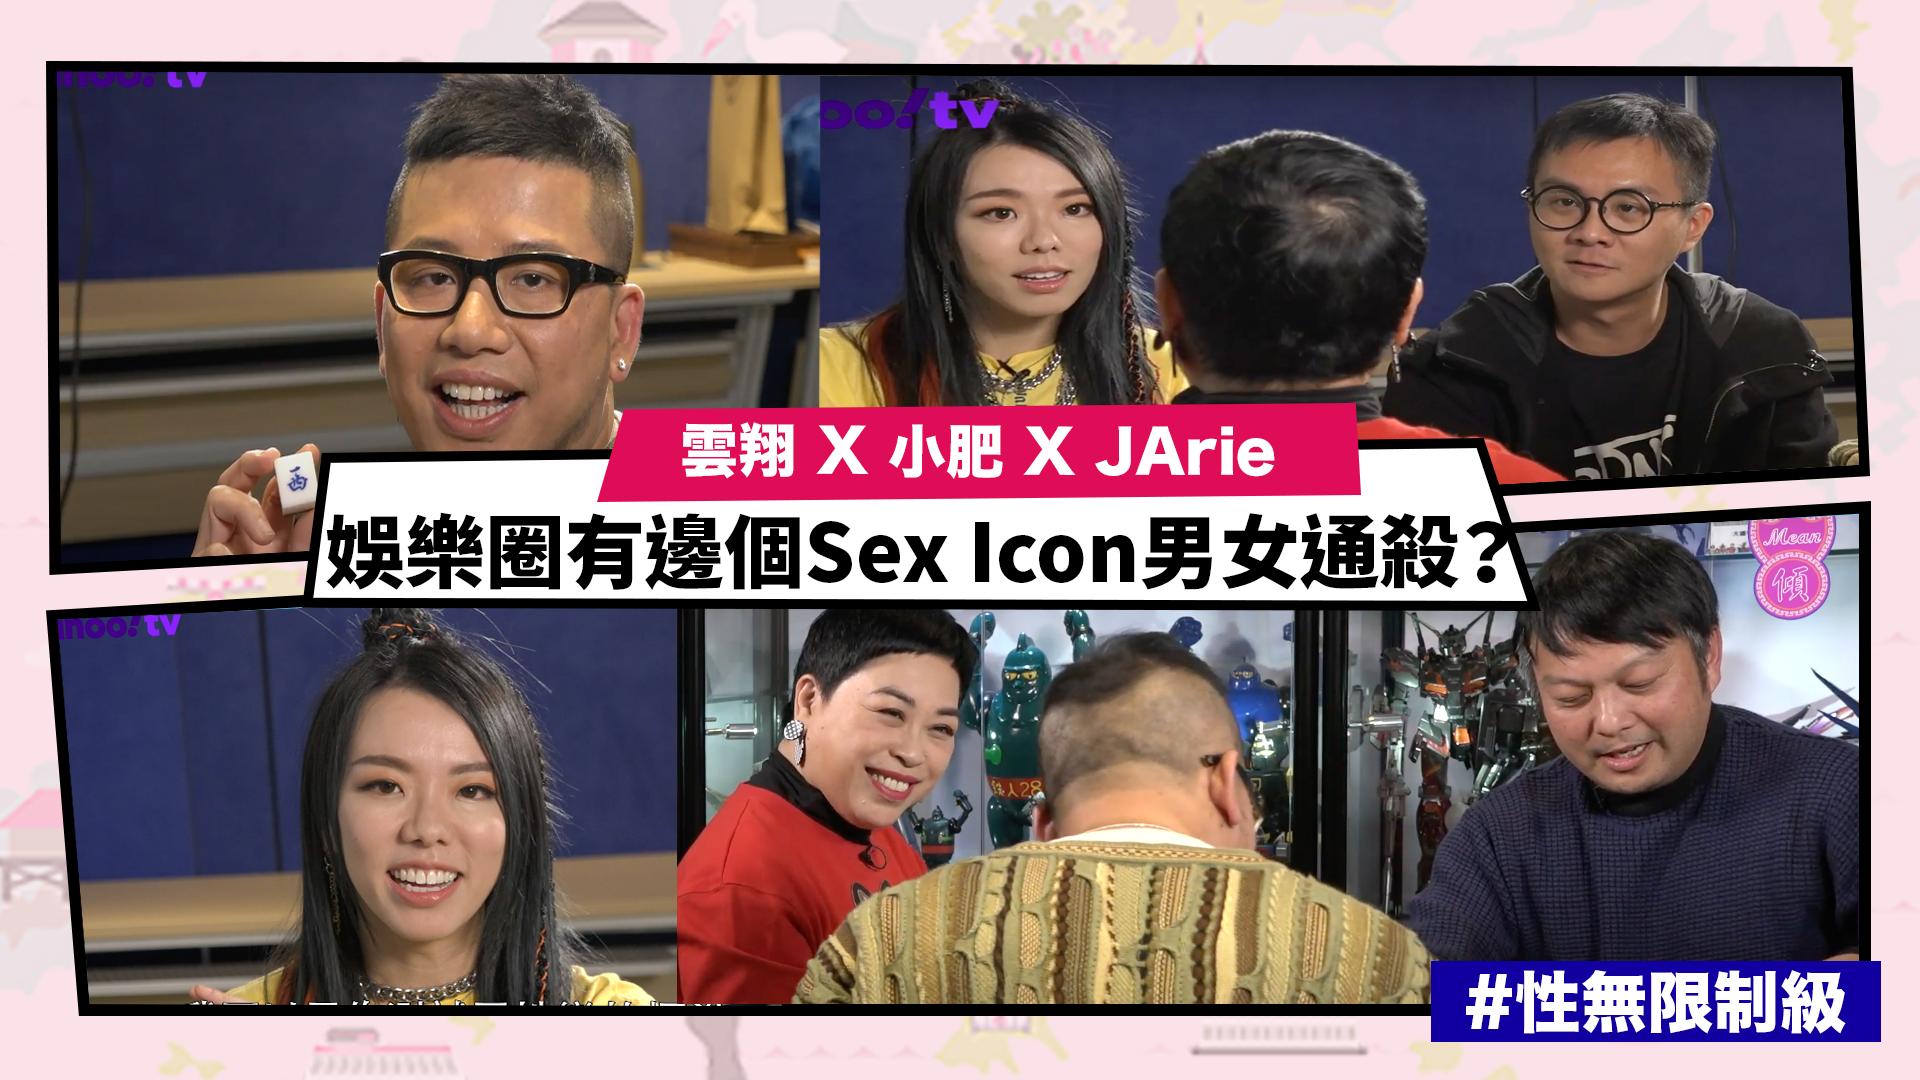 【Mean傾 第四季】盧覓雪 x 梁栢堅 #性無限制級 娛樂圈有邊個Sex Icon男女通殺?